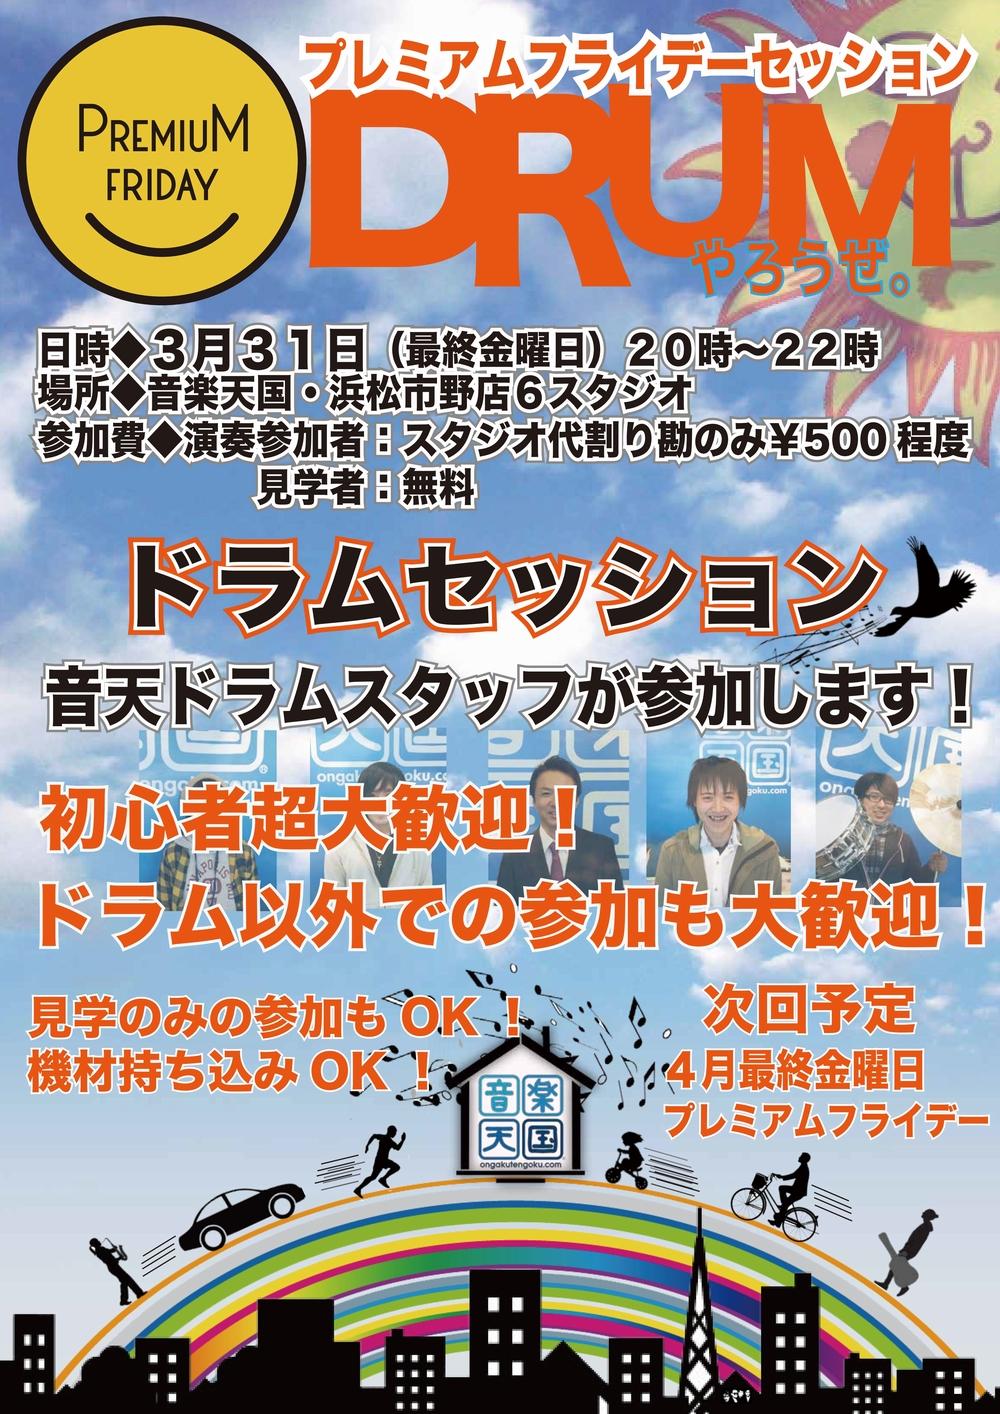 【ドラム天国】浜松市野店3月31日(金)プレミアムフライデー開催!